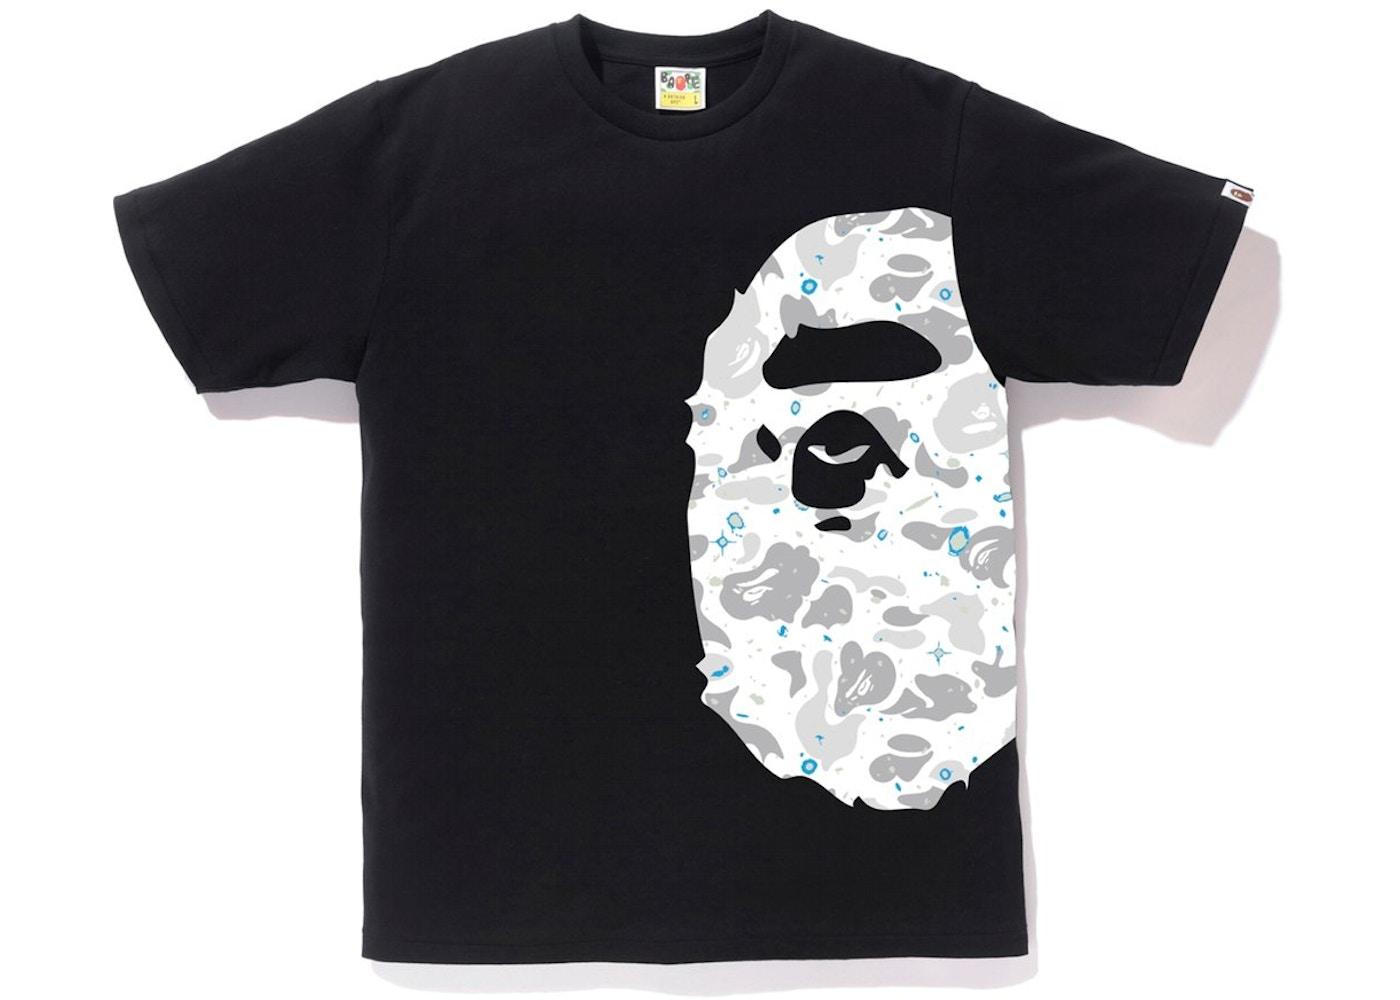 d8bbd9f6 Buy & Sell Bape Streetwear